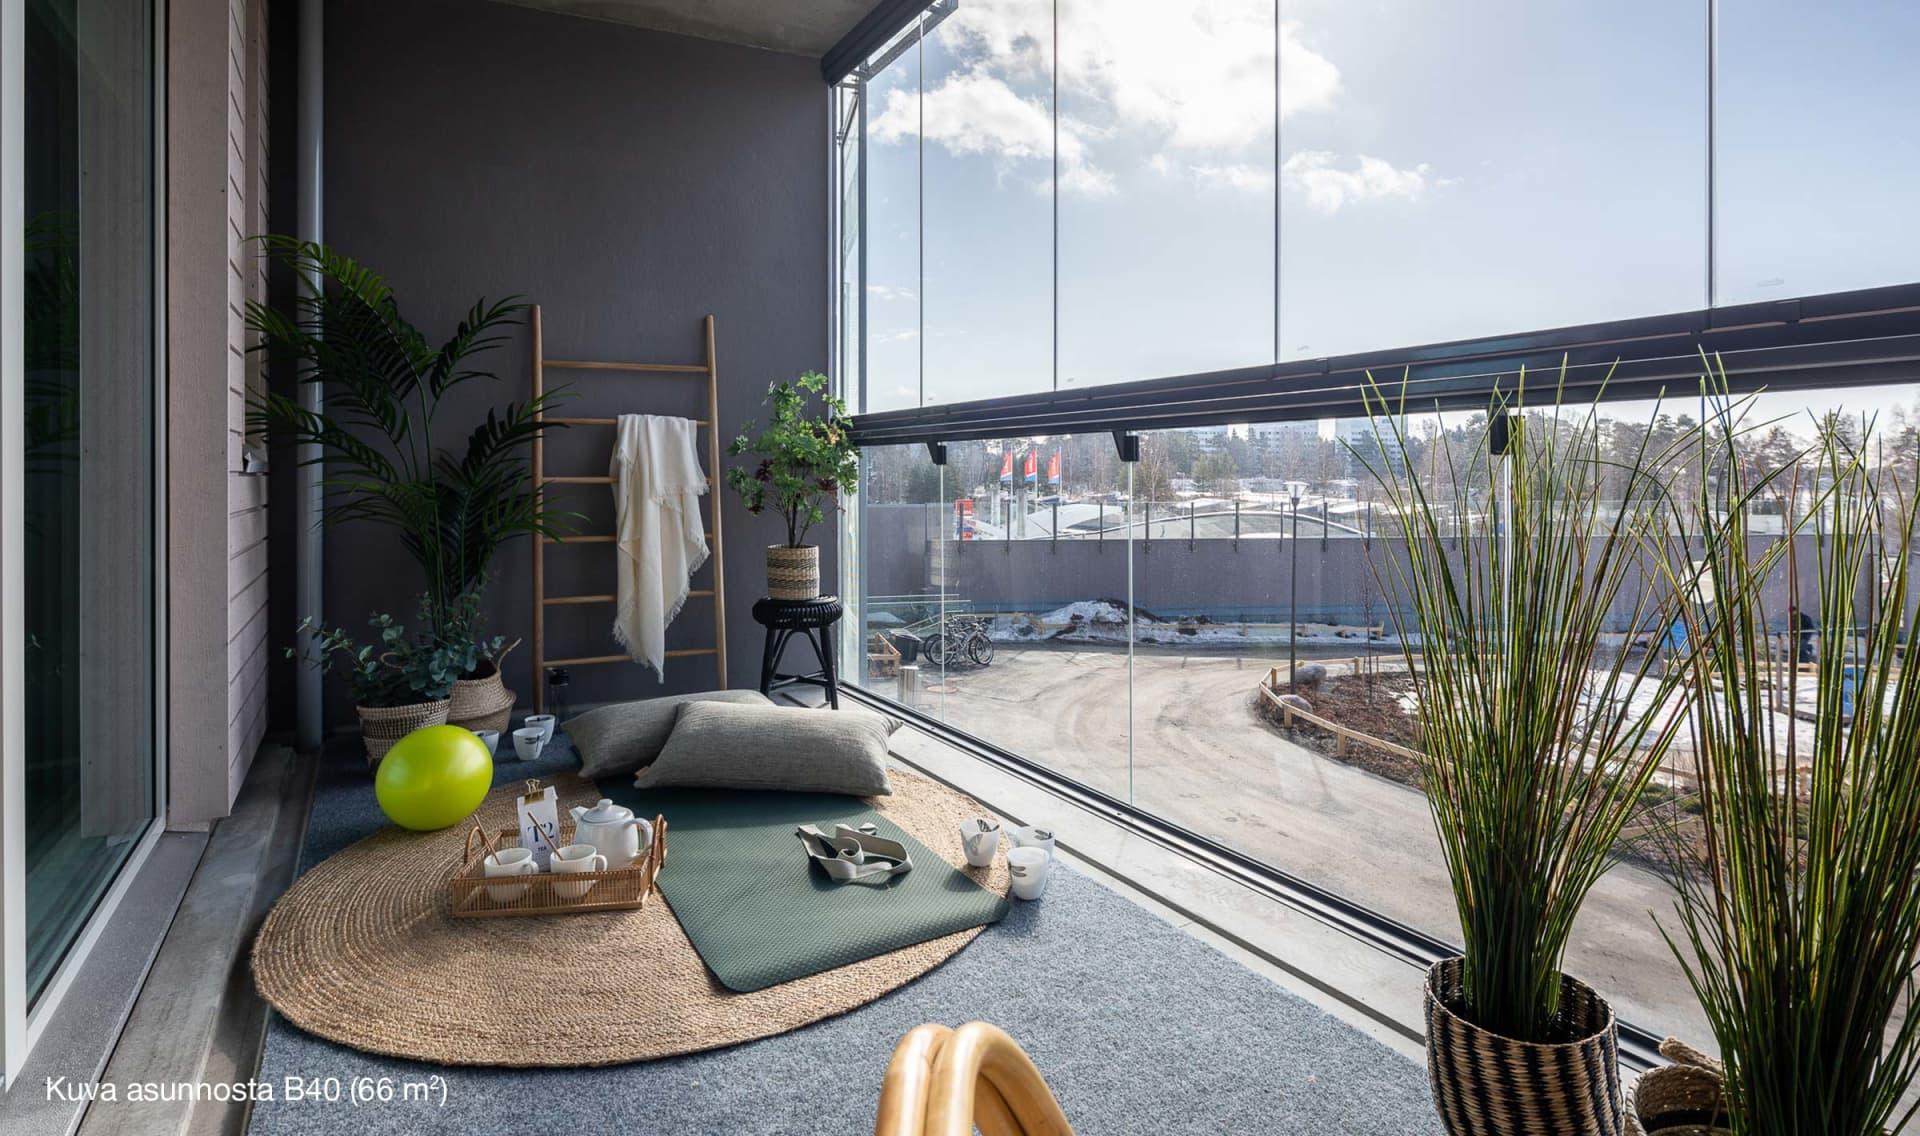 Myytävät asunnot Espoo, Kivenlahti - Asunto Oy Espoon Neptunus - 3h+kt, 66 m2